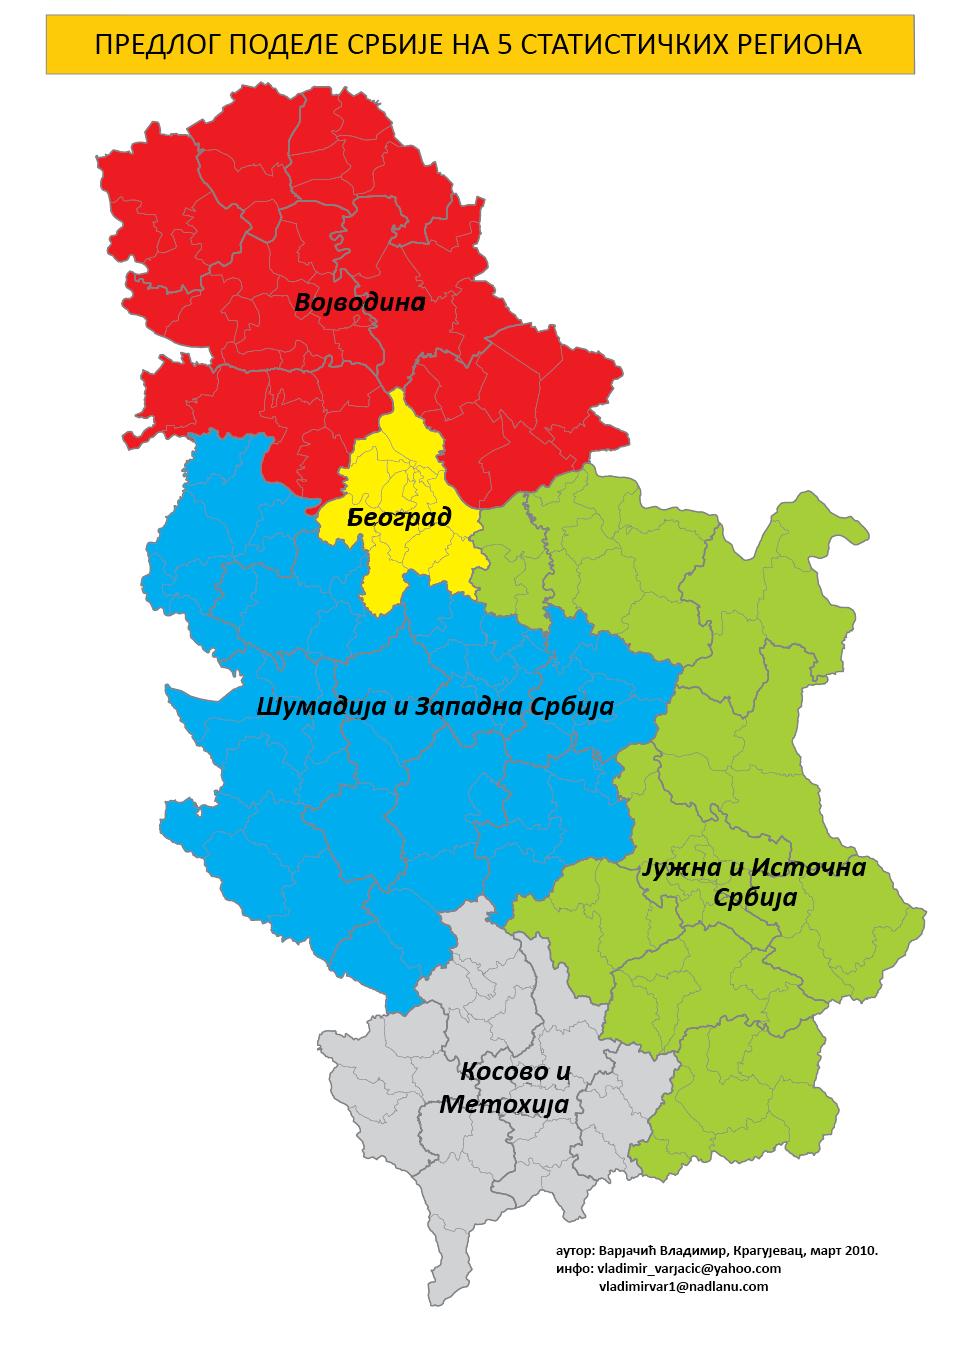 Статистички региони Србије